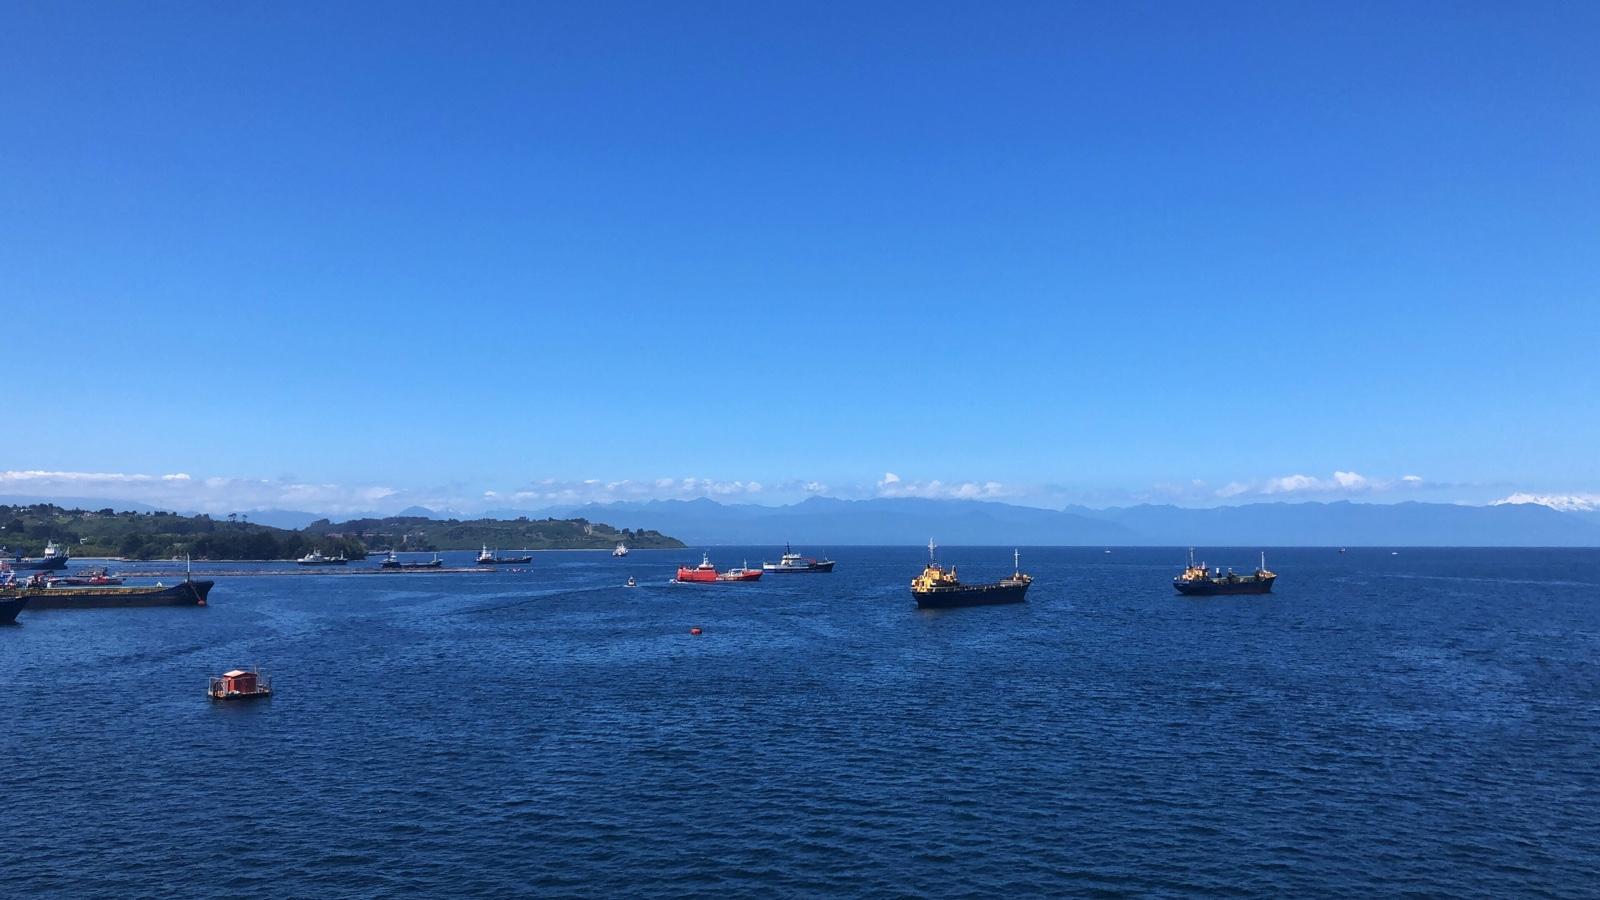 Einlaufen im Hafen von Puerto Montt